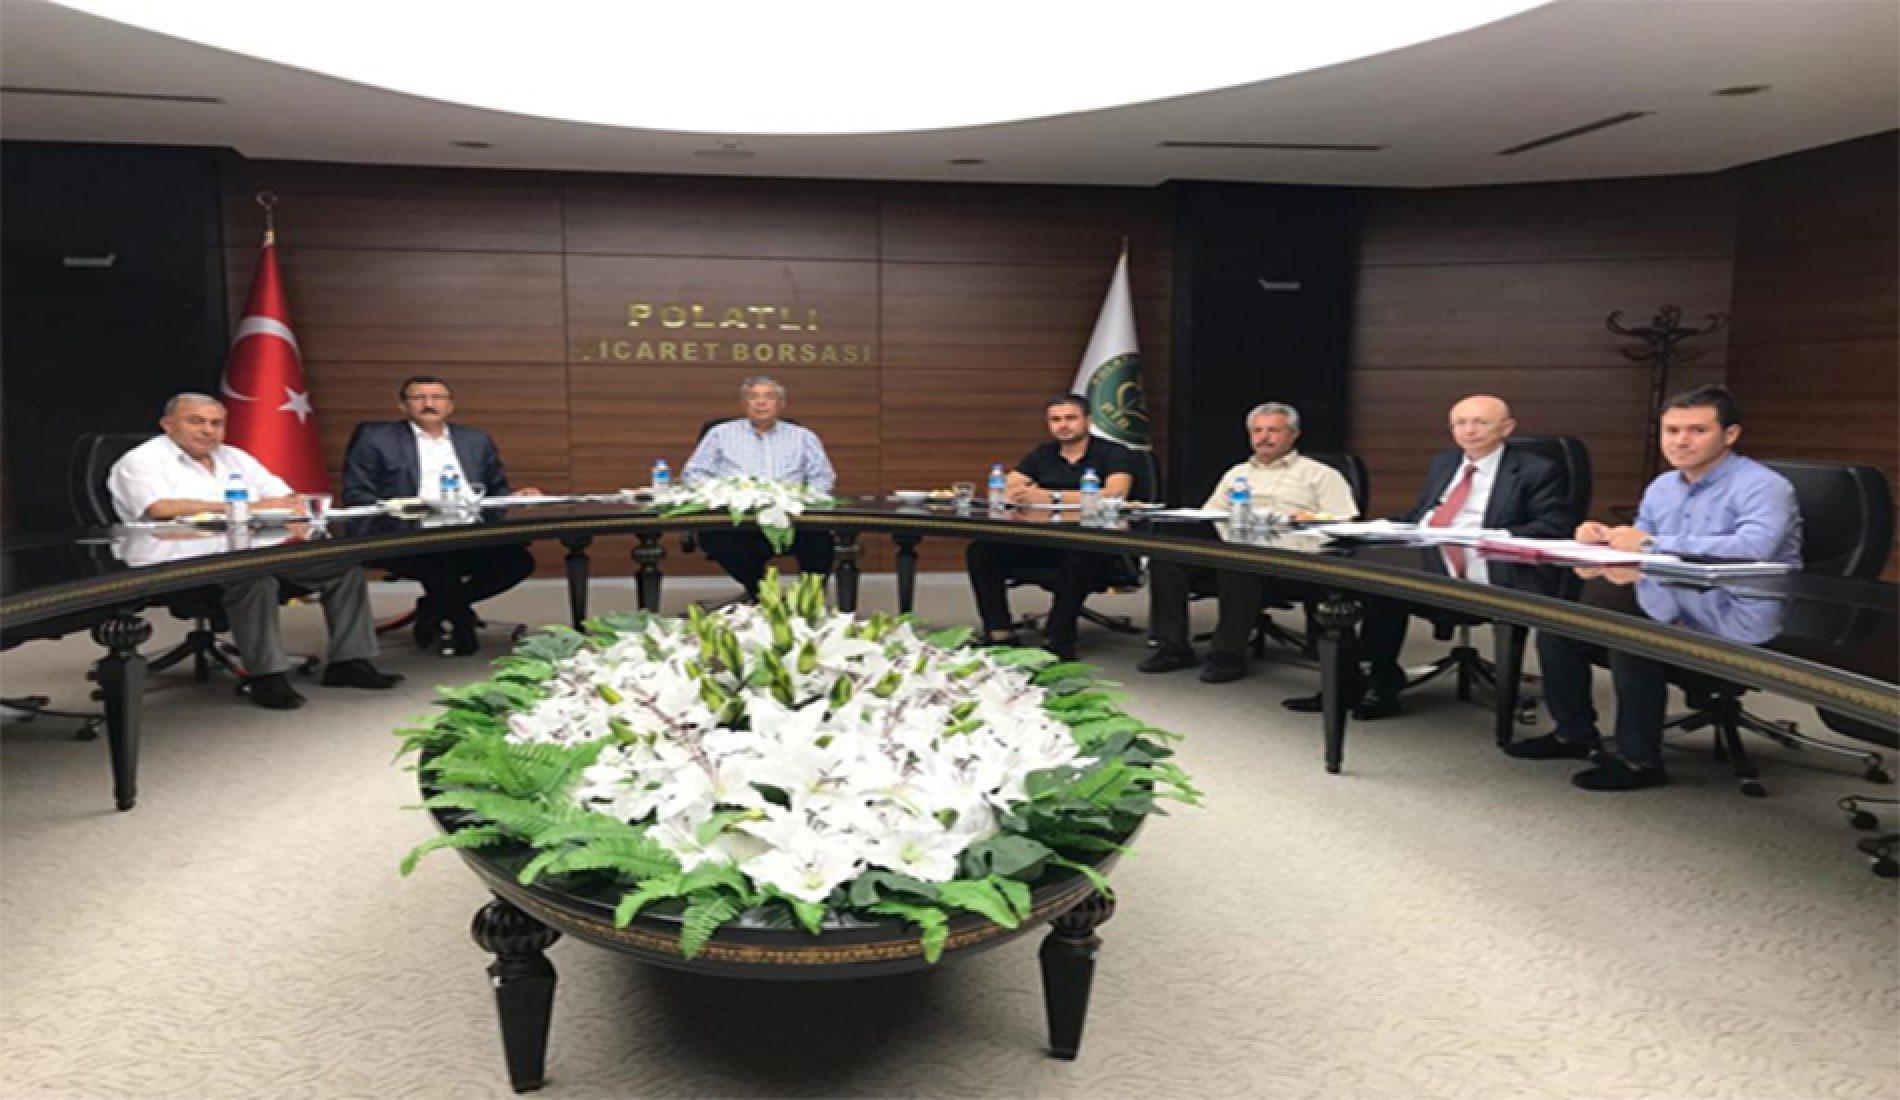 Borsa  Polatlı  Laboratuar  Hizmetleri  A.Ş.  Yönetim  Kurulu  Toplantısı  Yapıldı…